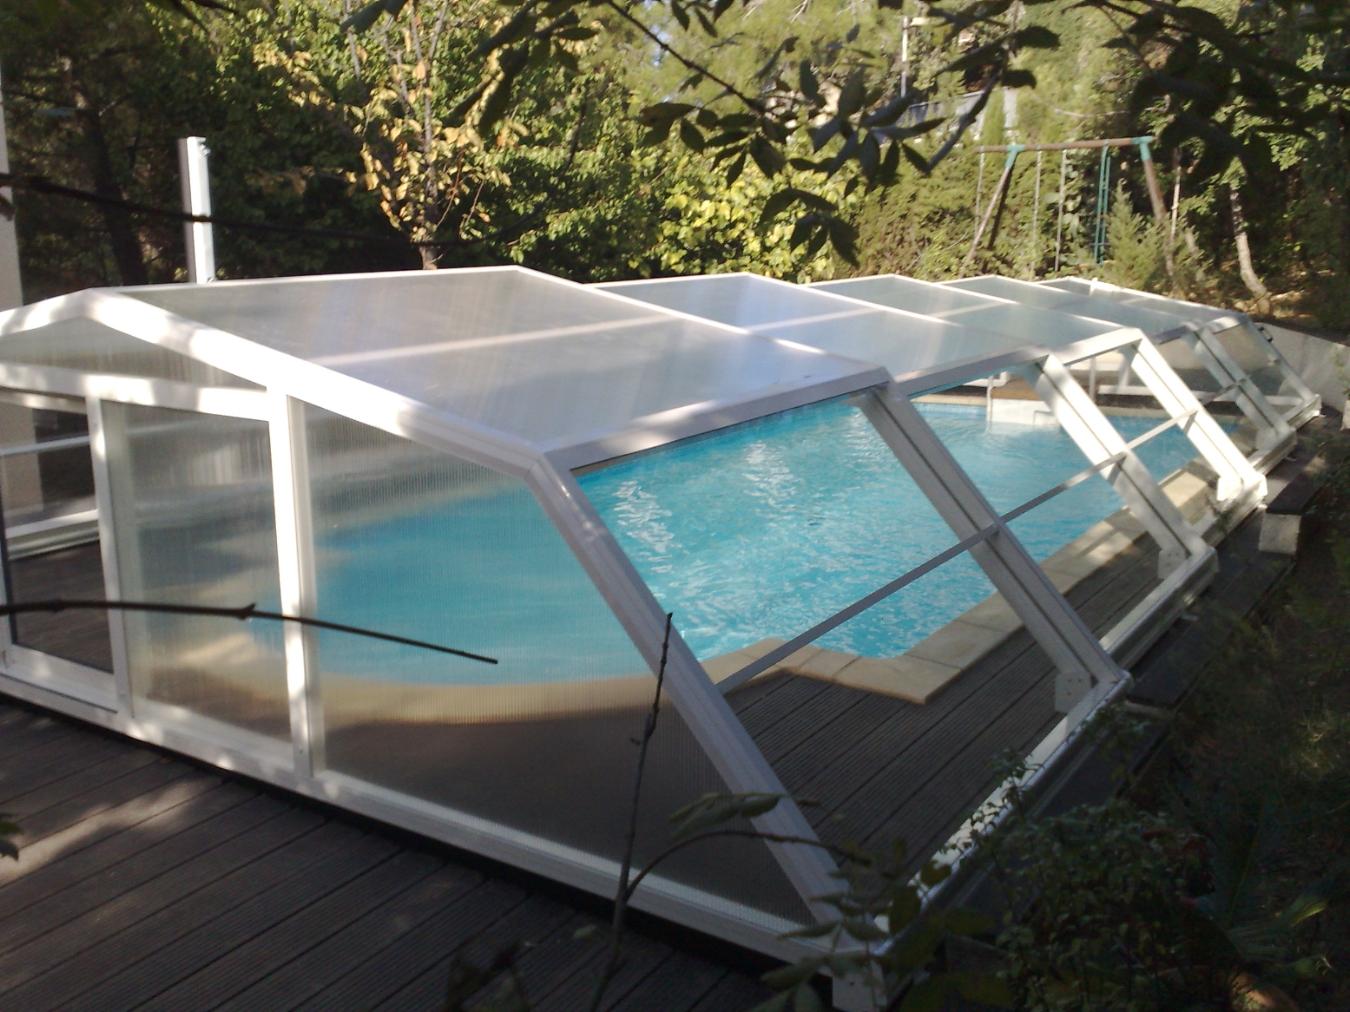 Abris piscine mi haut oc an for Abri mi haut piscine